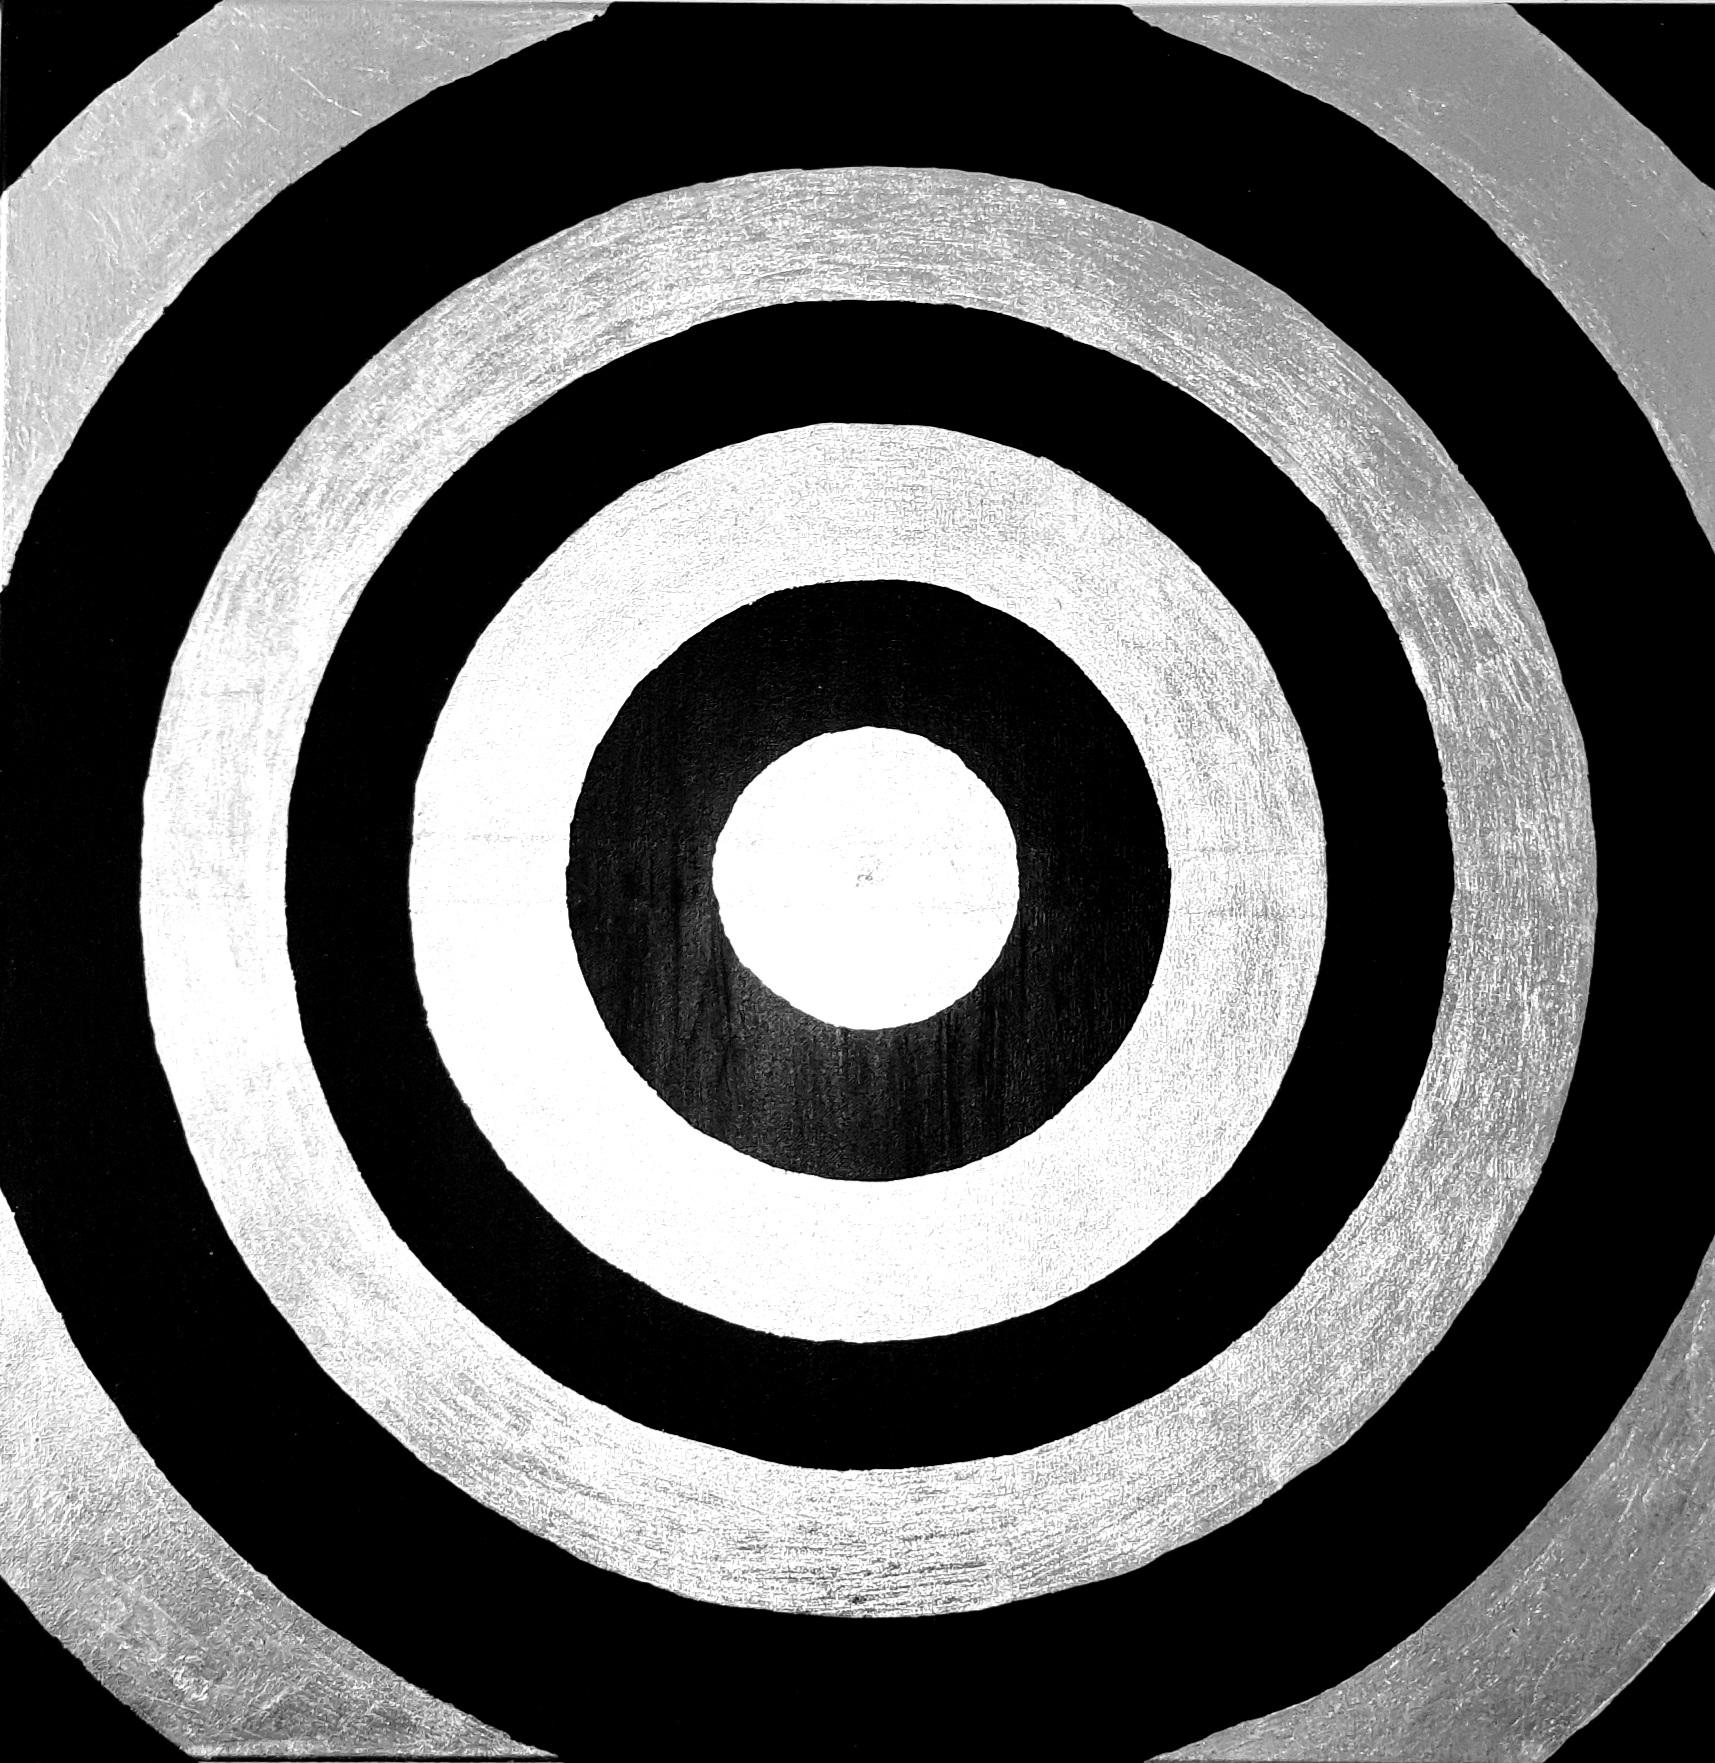 """Nowoczesny obraz akryl 80cm x 80cm pt. """"Atom"""" (2020)"""